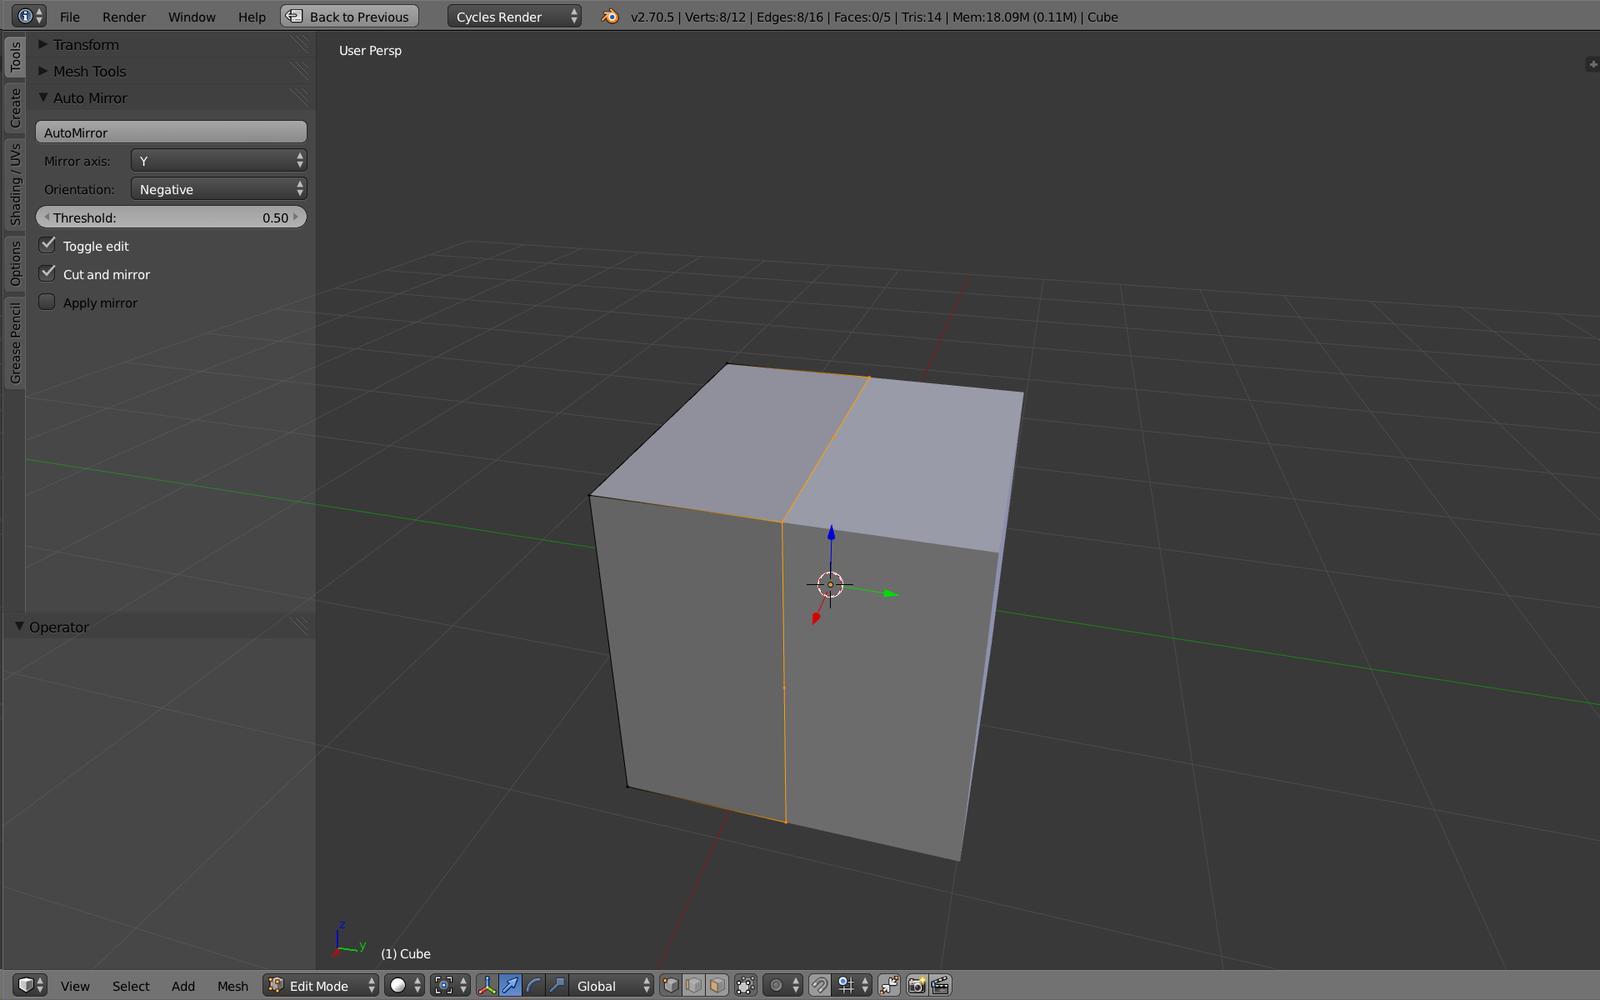 [Add-on] AutoMirror, mon add-on pour symétriser vos objets rapidement. [MàJ] La V2.4 est là !